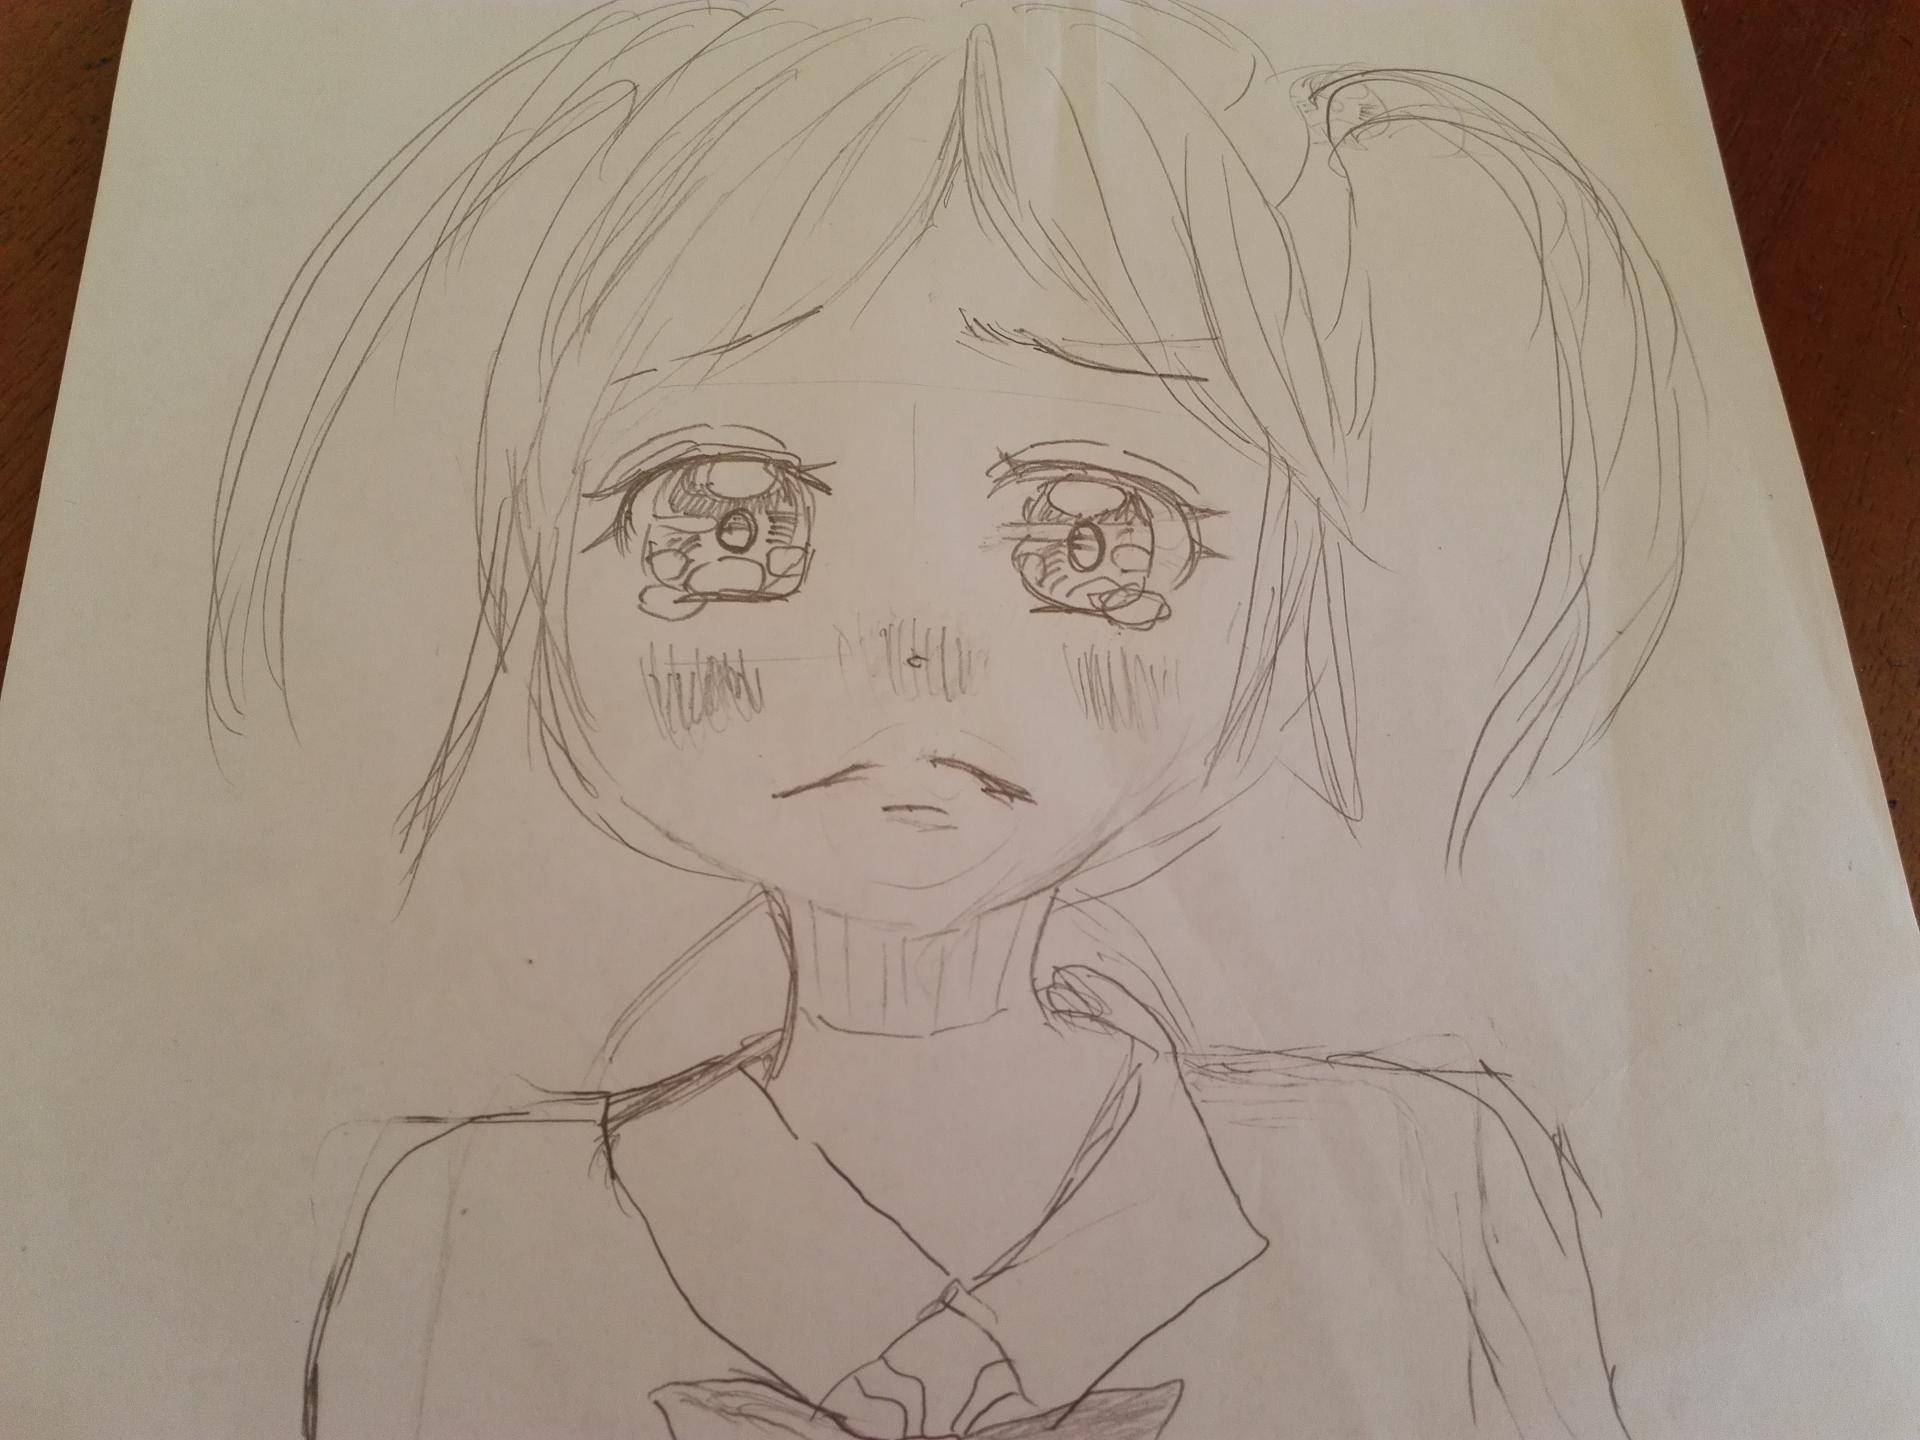 泣かないもん ちゃお イラストコンテスト かわいい女の子の絵を